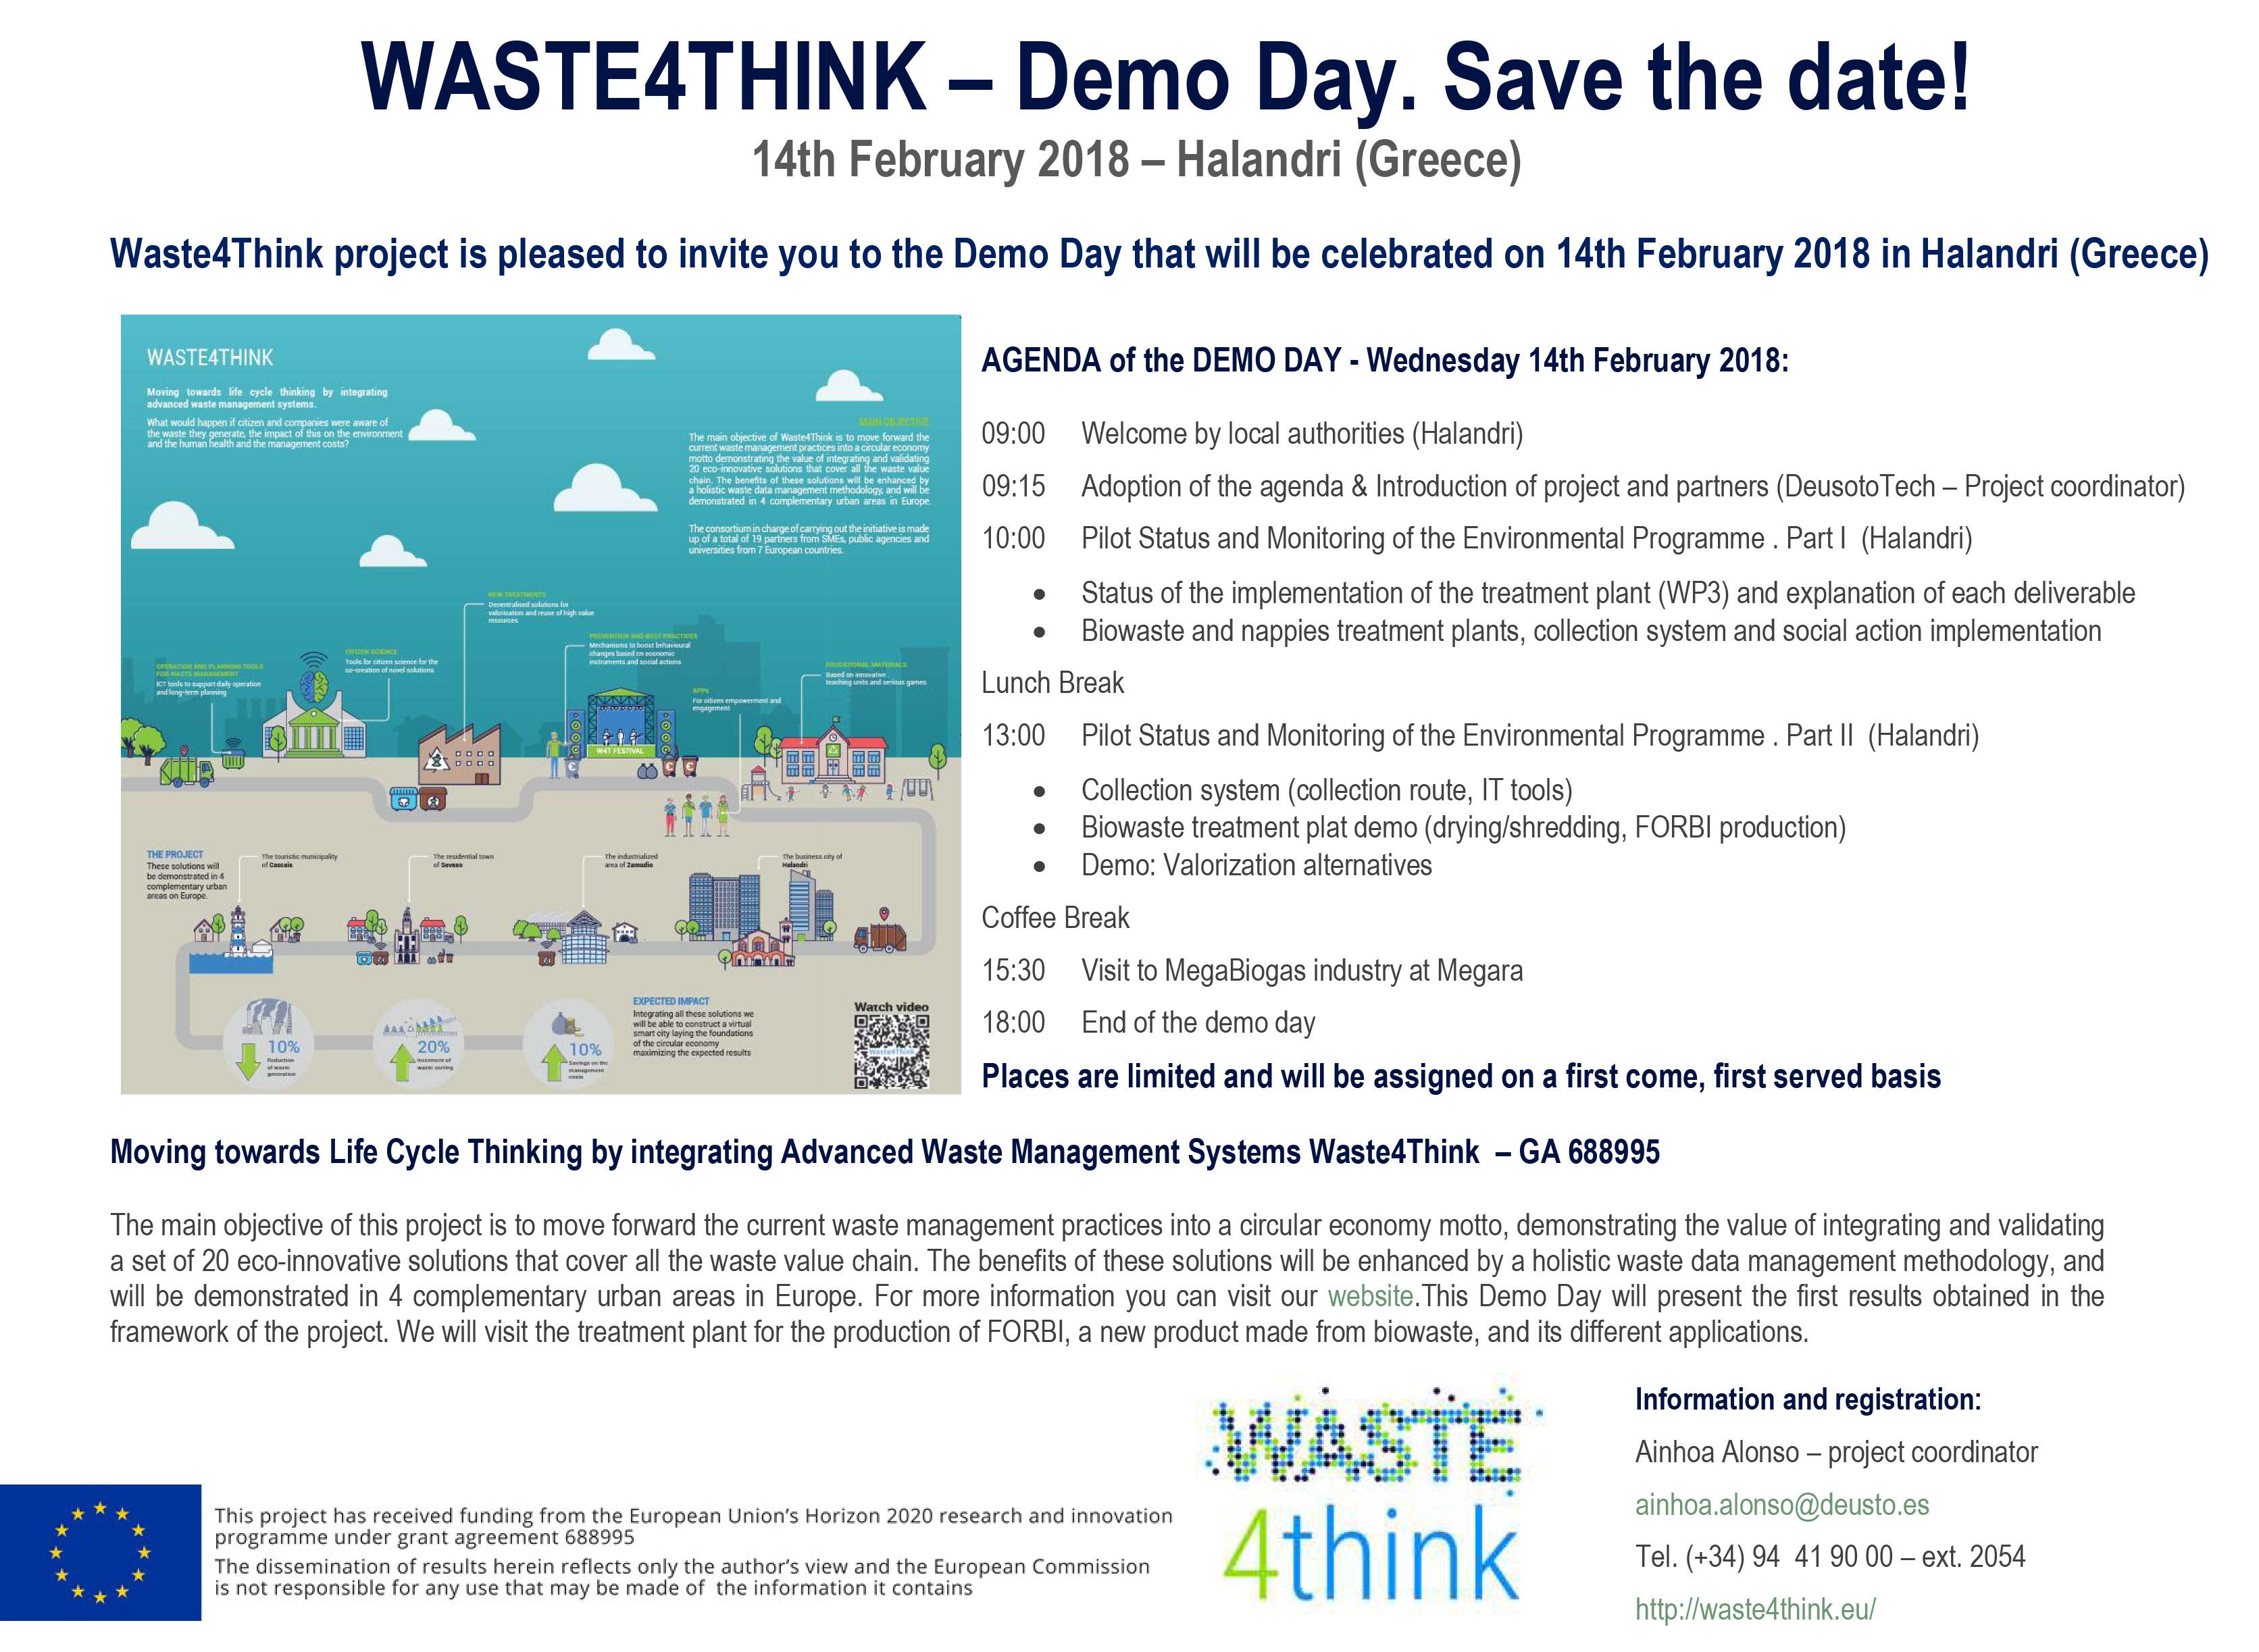 Reunión de revisión del proyecto Waste4Think en Halandri (Grecia ...